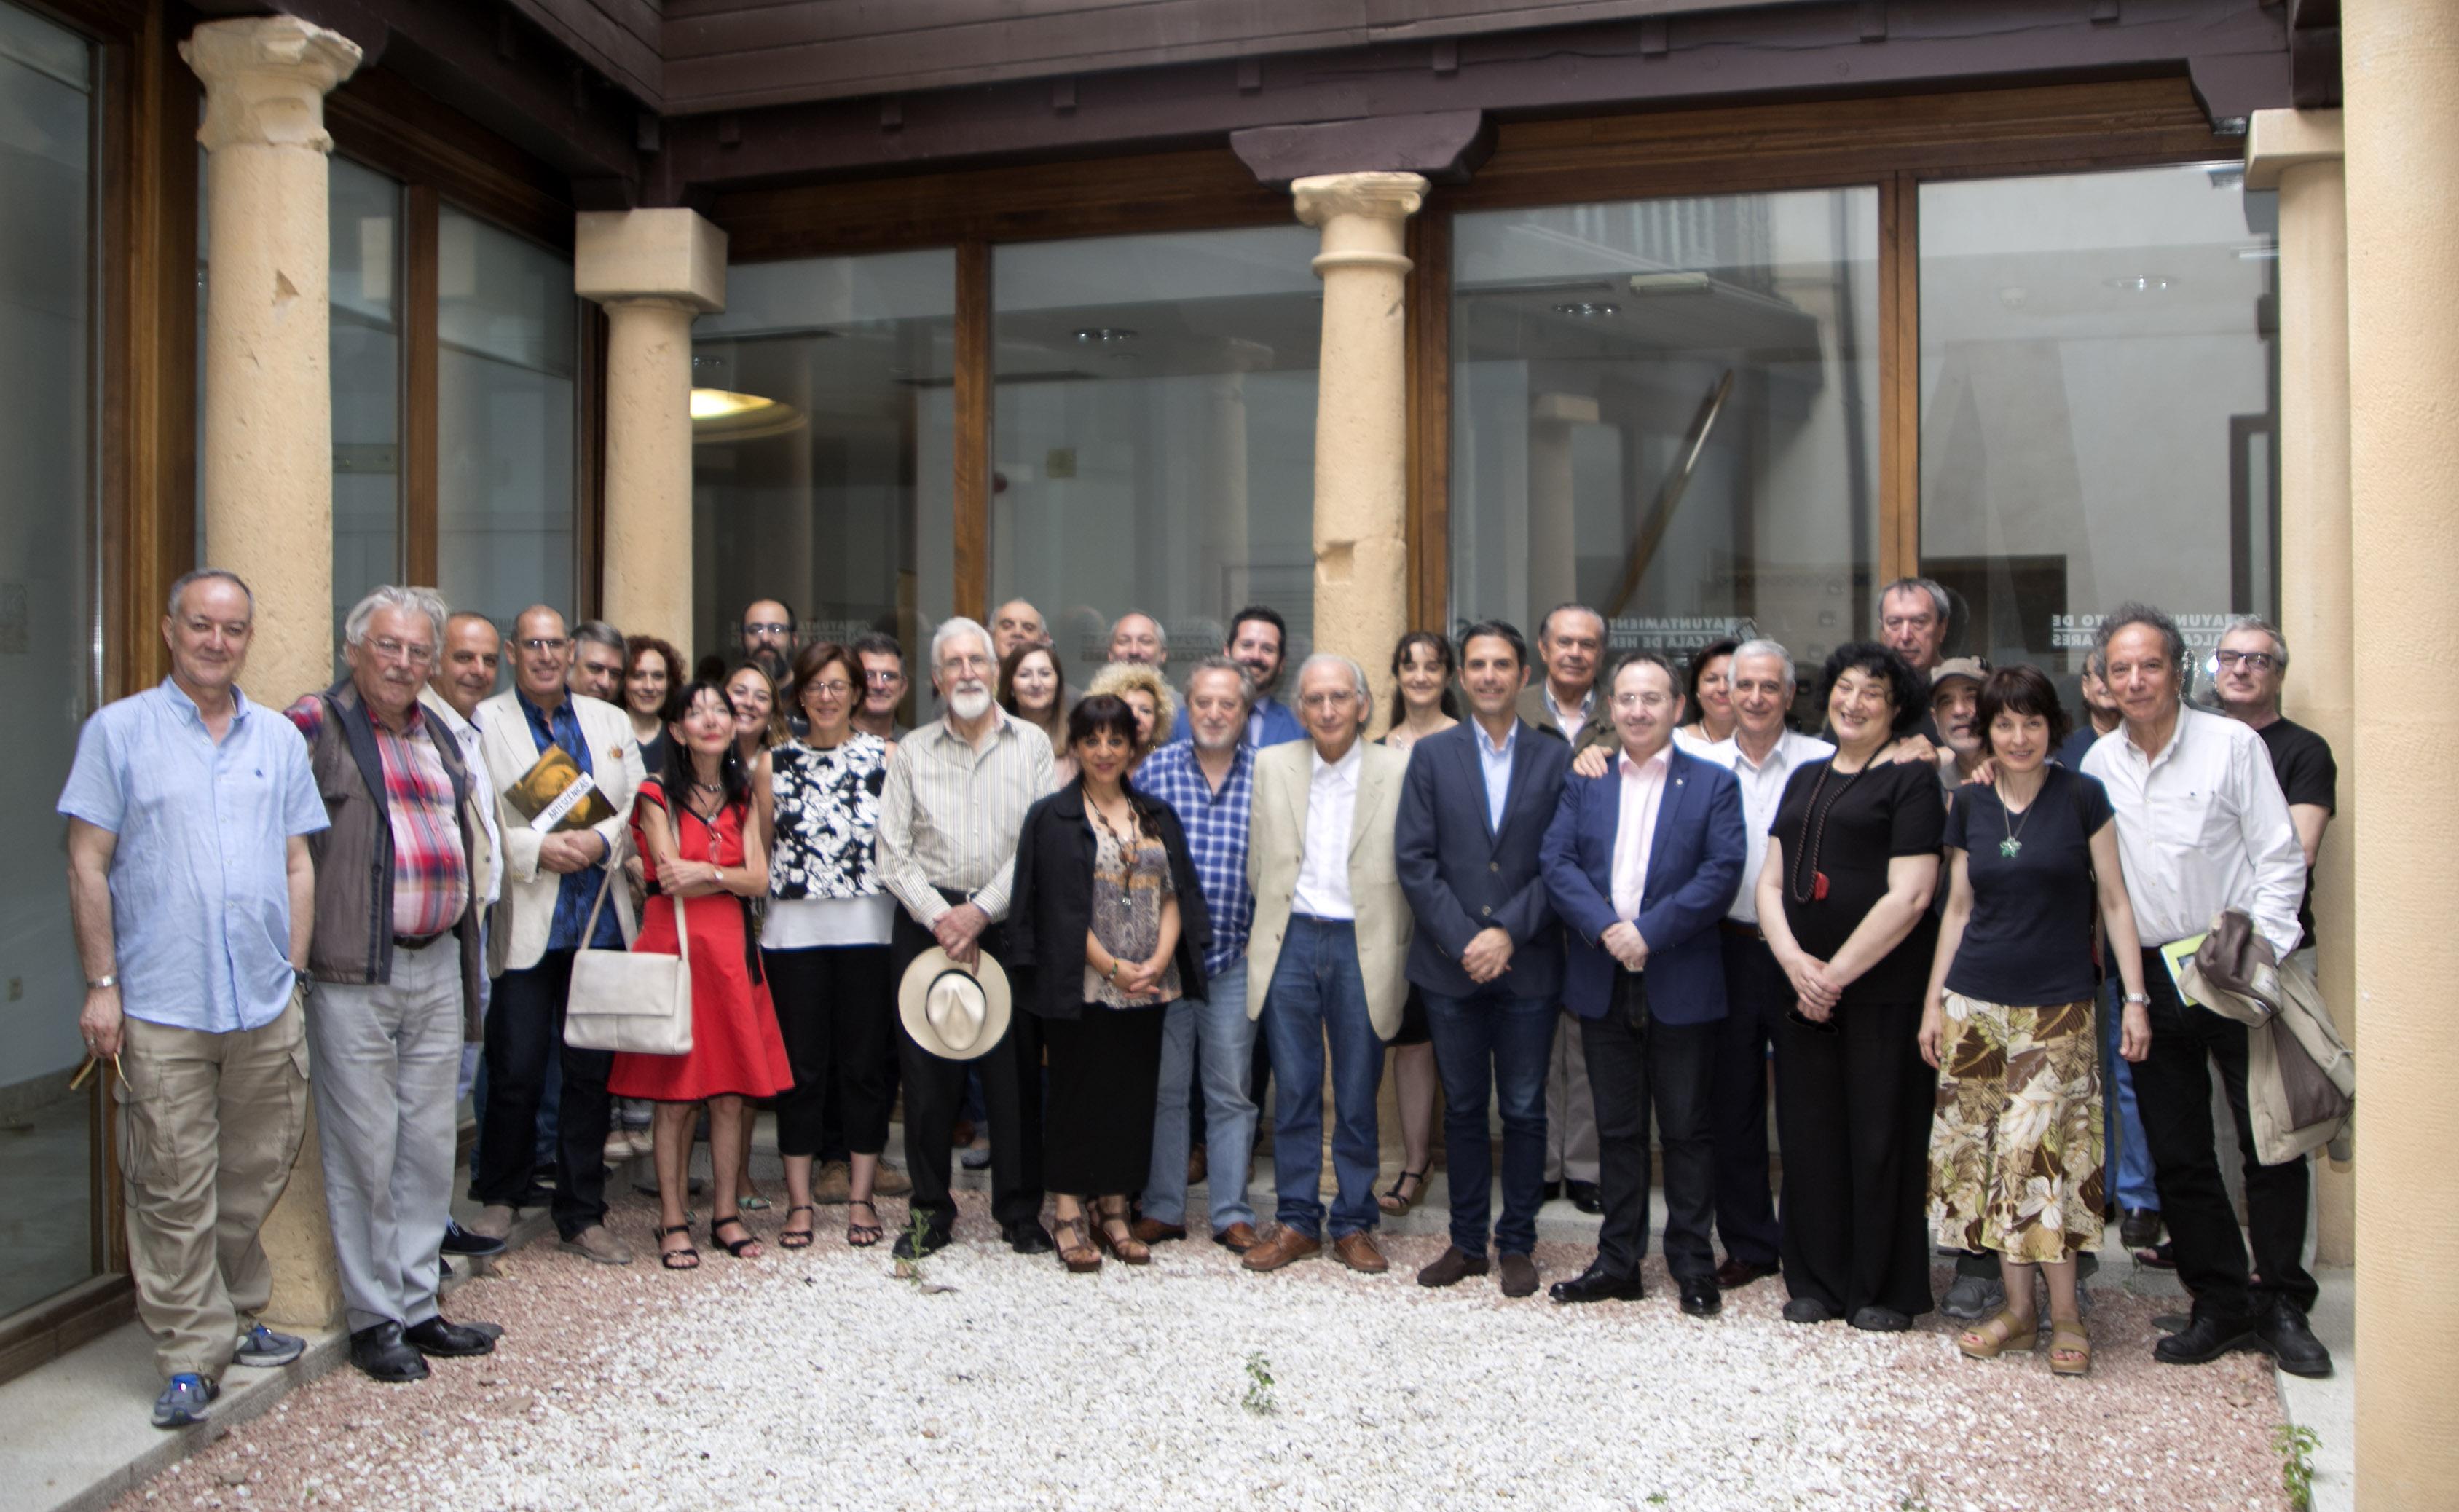 Foto de La Academia celebra su Asamblea General en Alcalá de Henares invitada por el Festival Clásicos en Alcalá